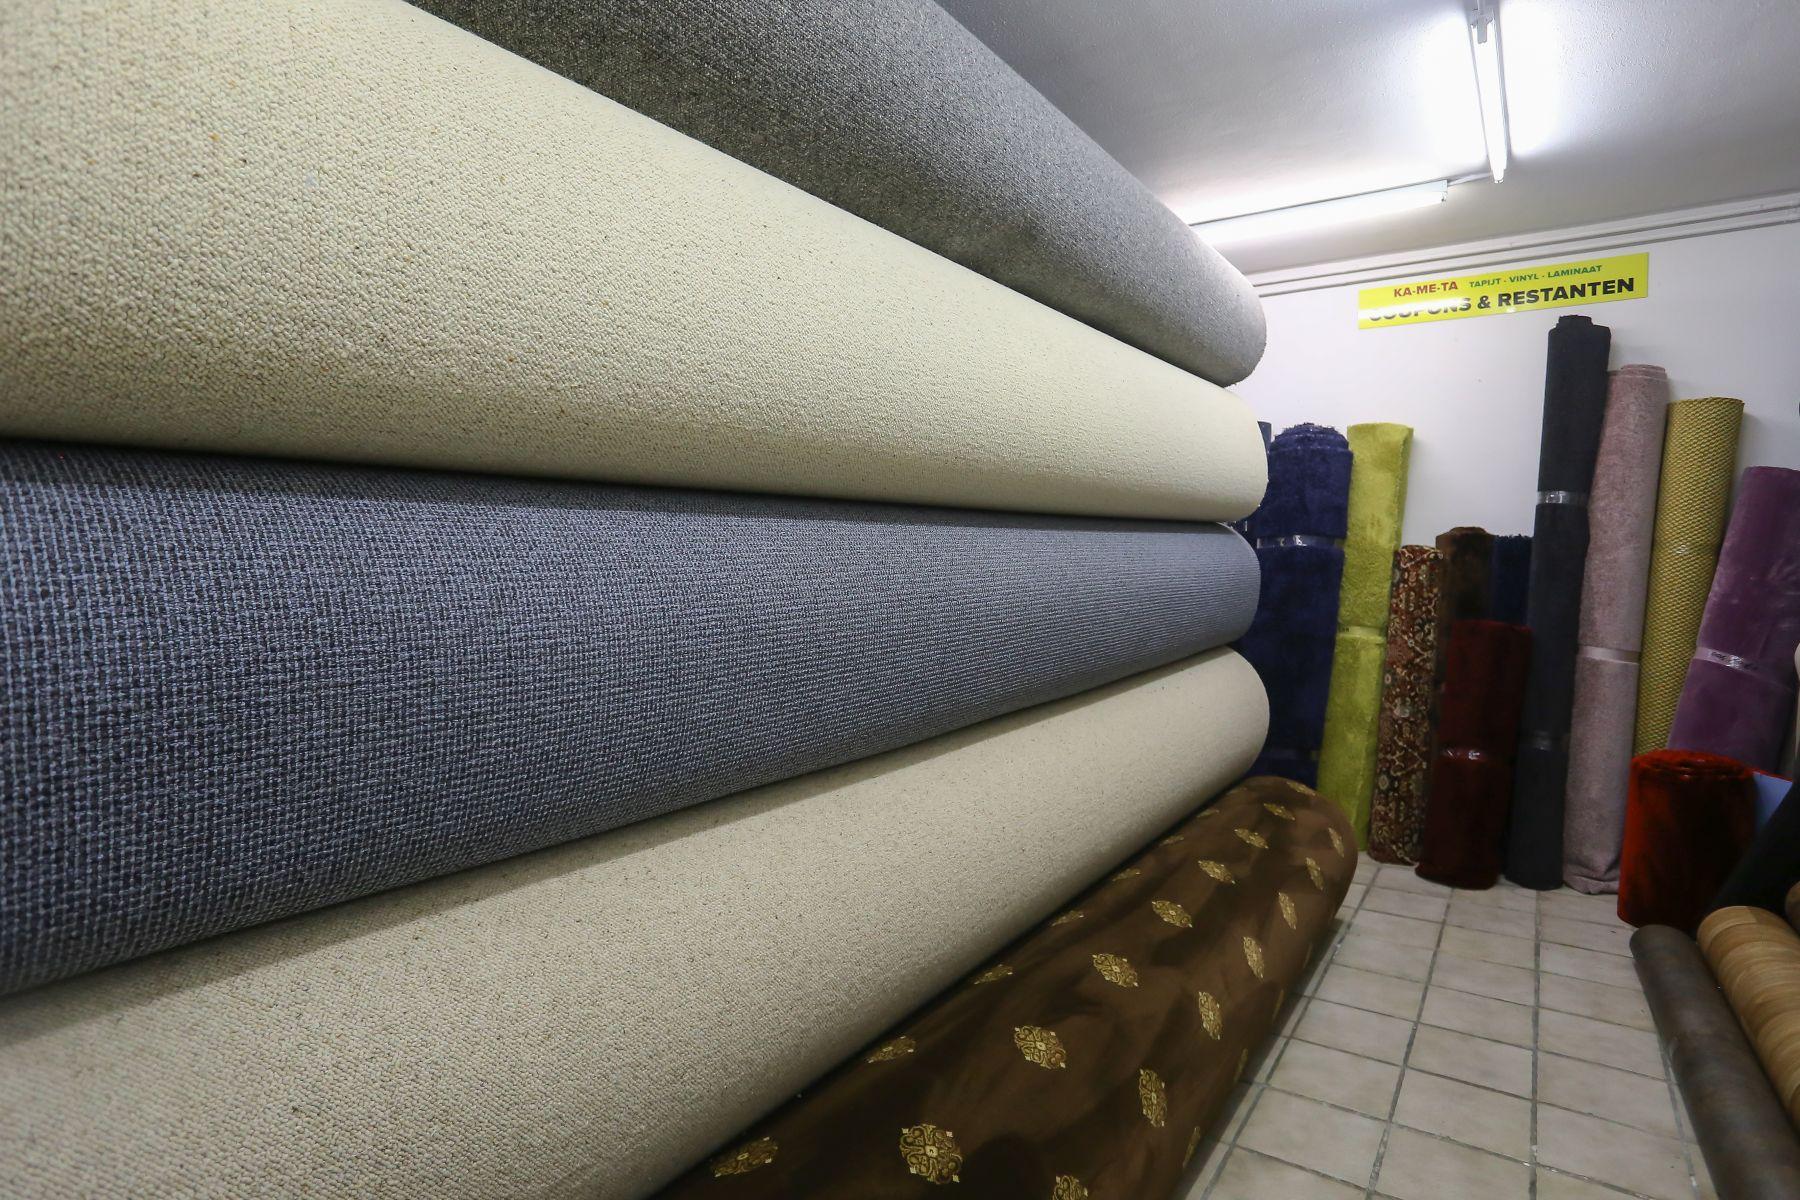 Goedkope Vinyl Restanten : Berber tapijt aanbieding u20ac 89 90 p.m.